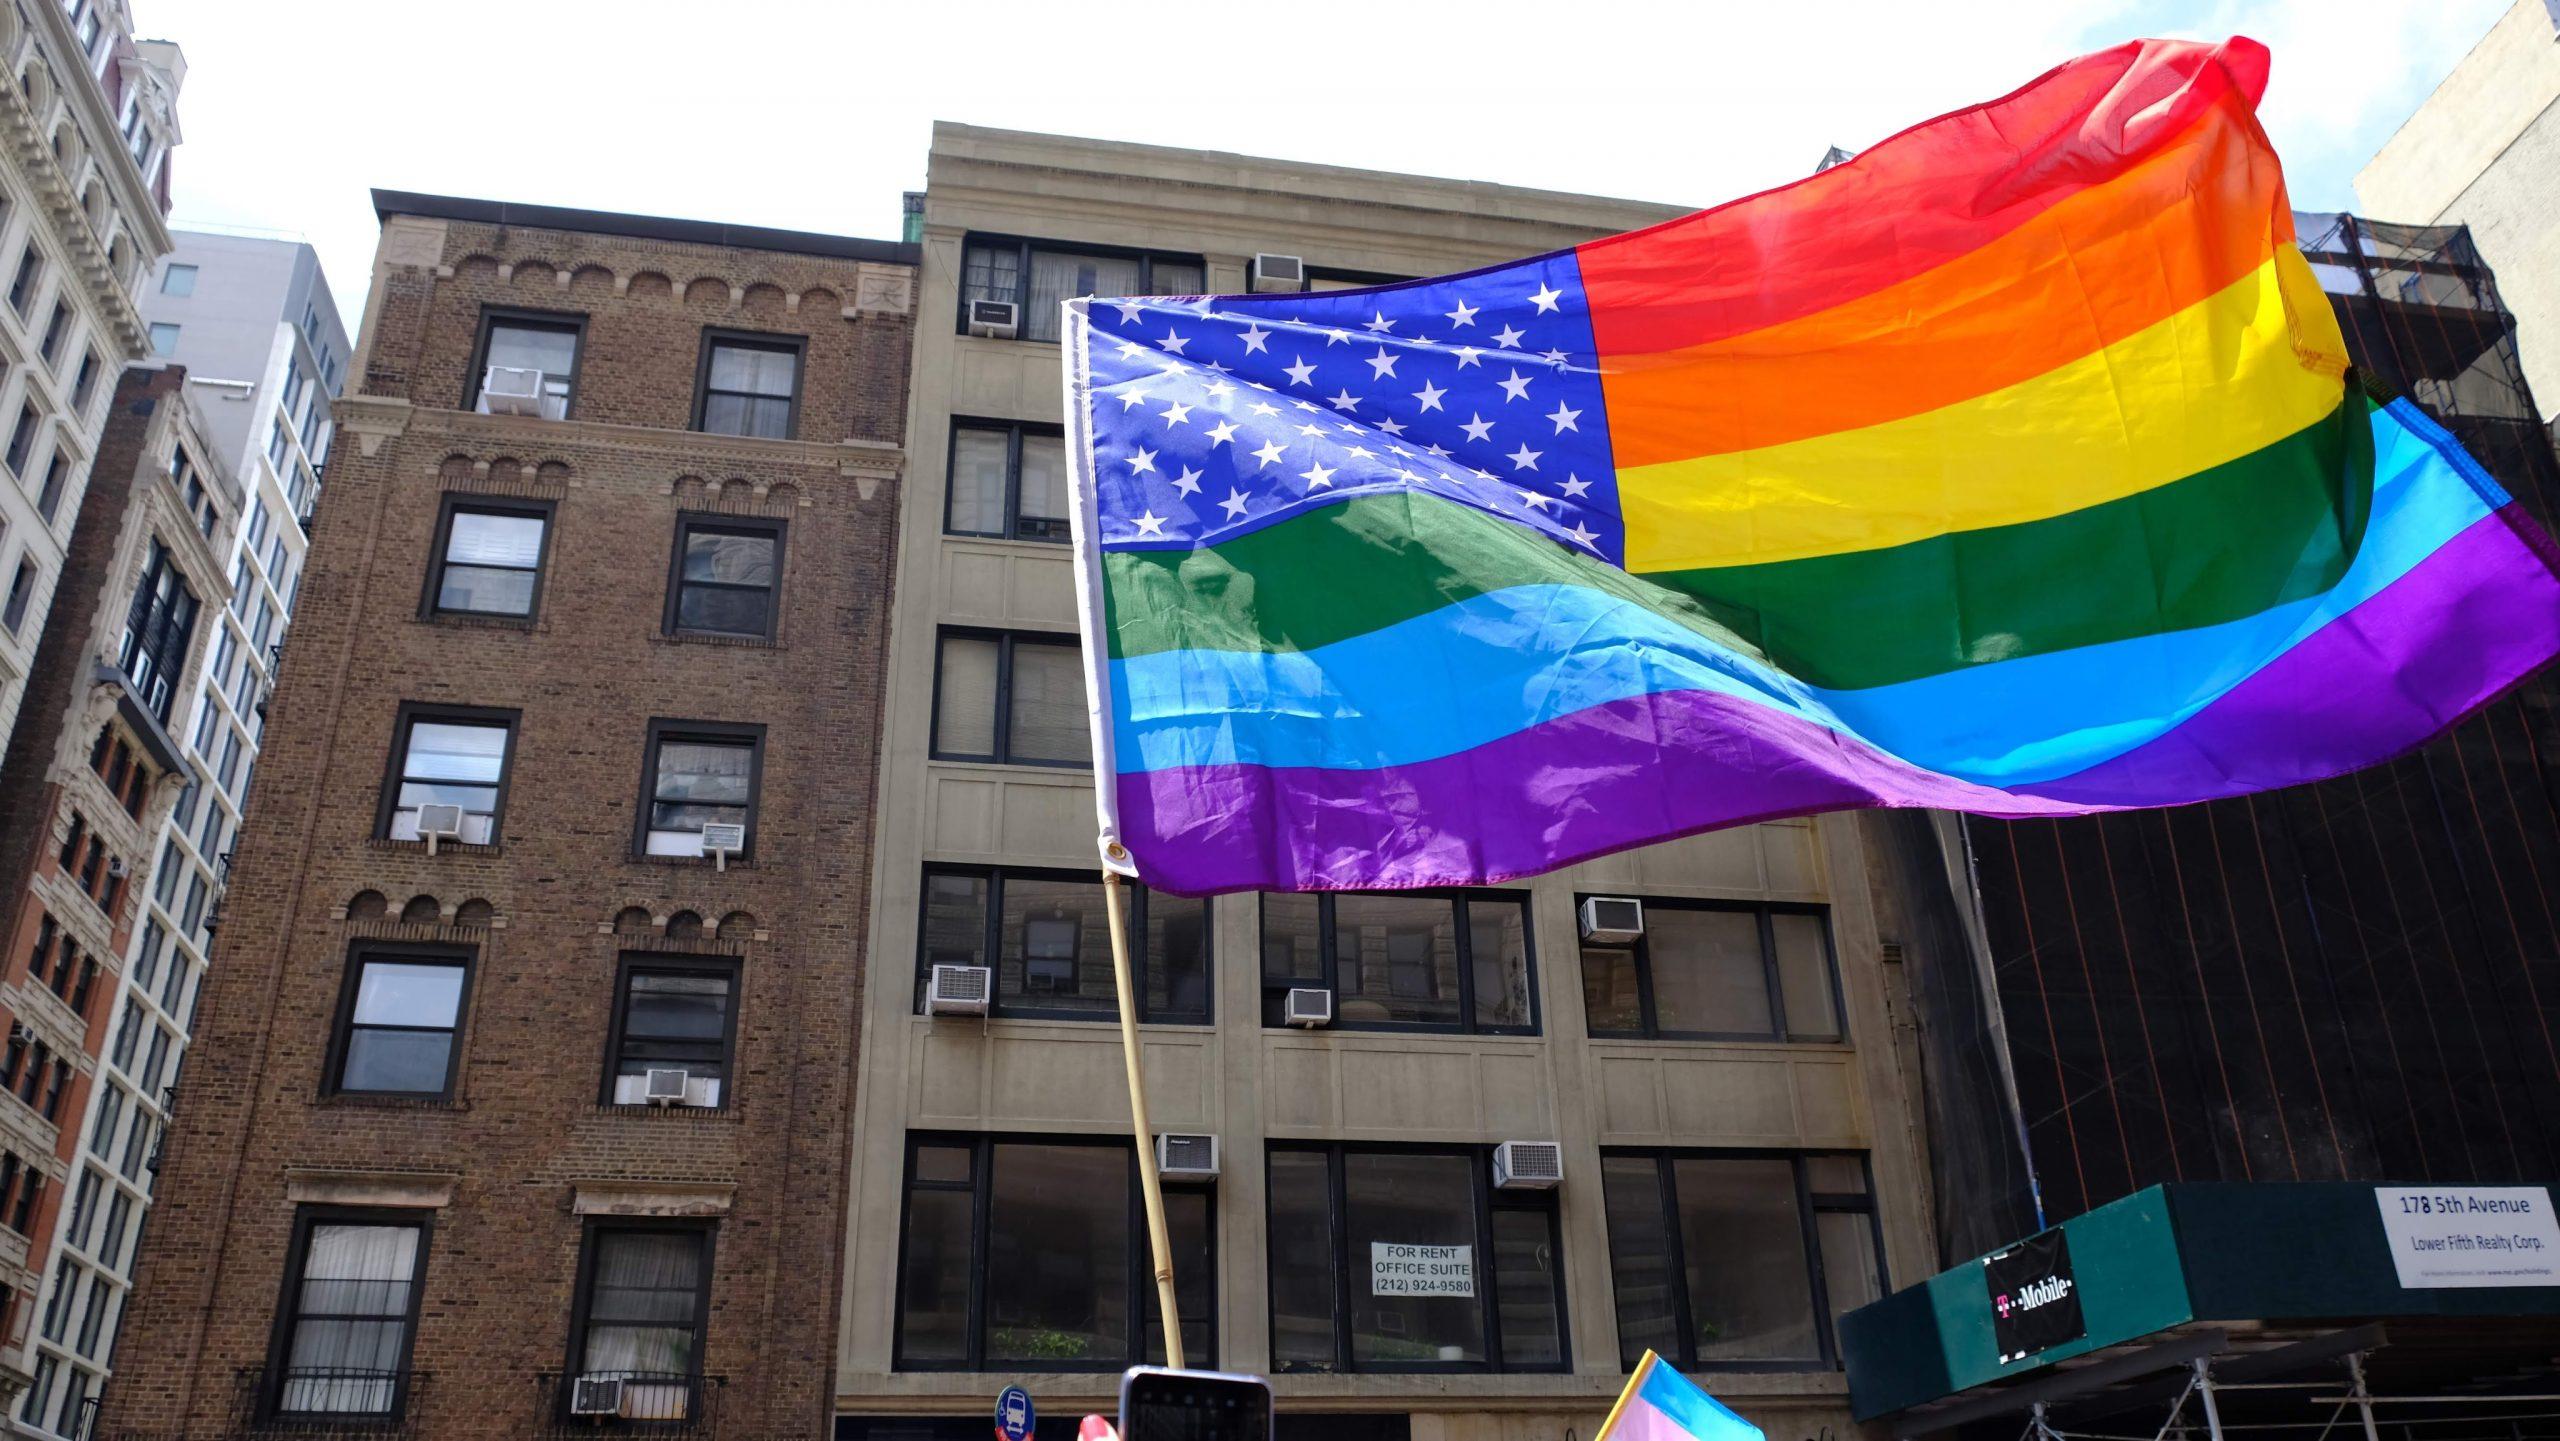 [紐約] NYC LGBT Pride March:一年一度紐約同志驕傲遊行,體驗平等多元的開明社會風氣